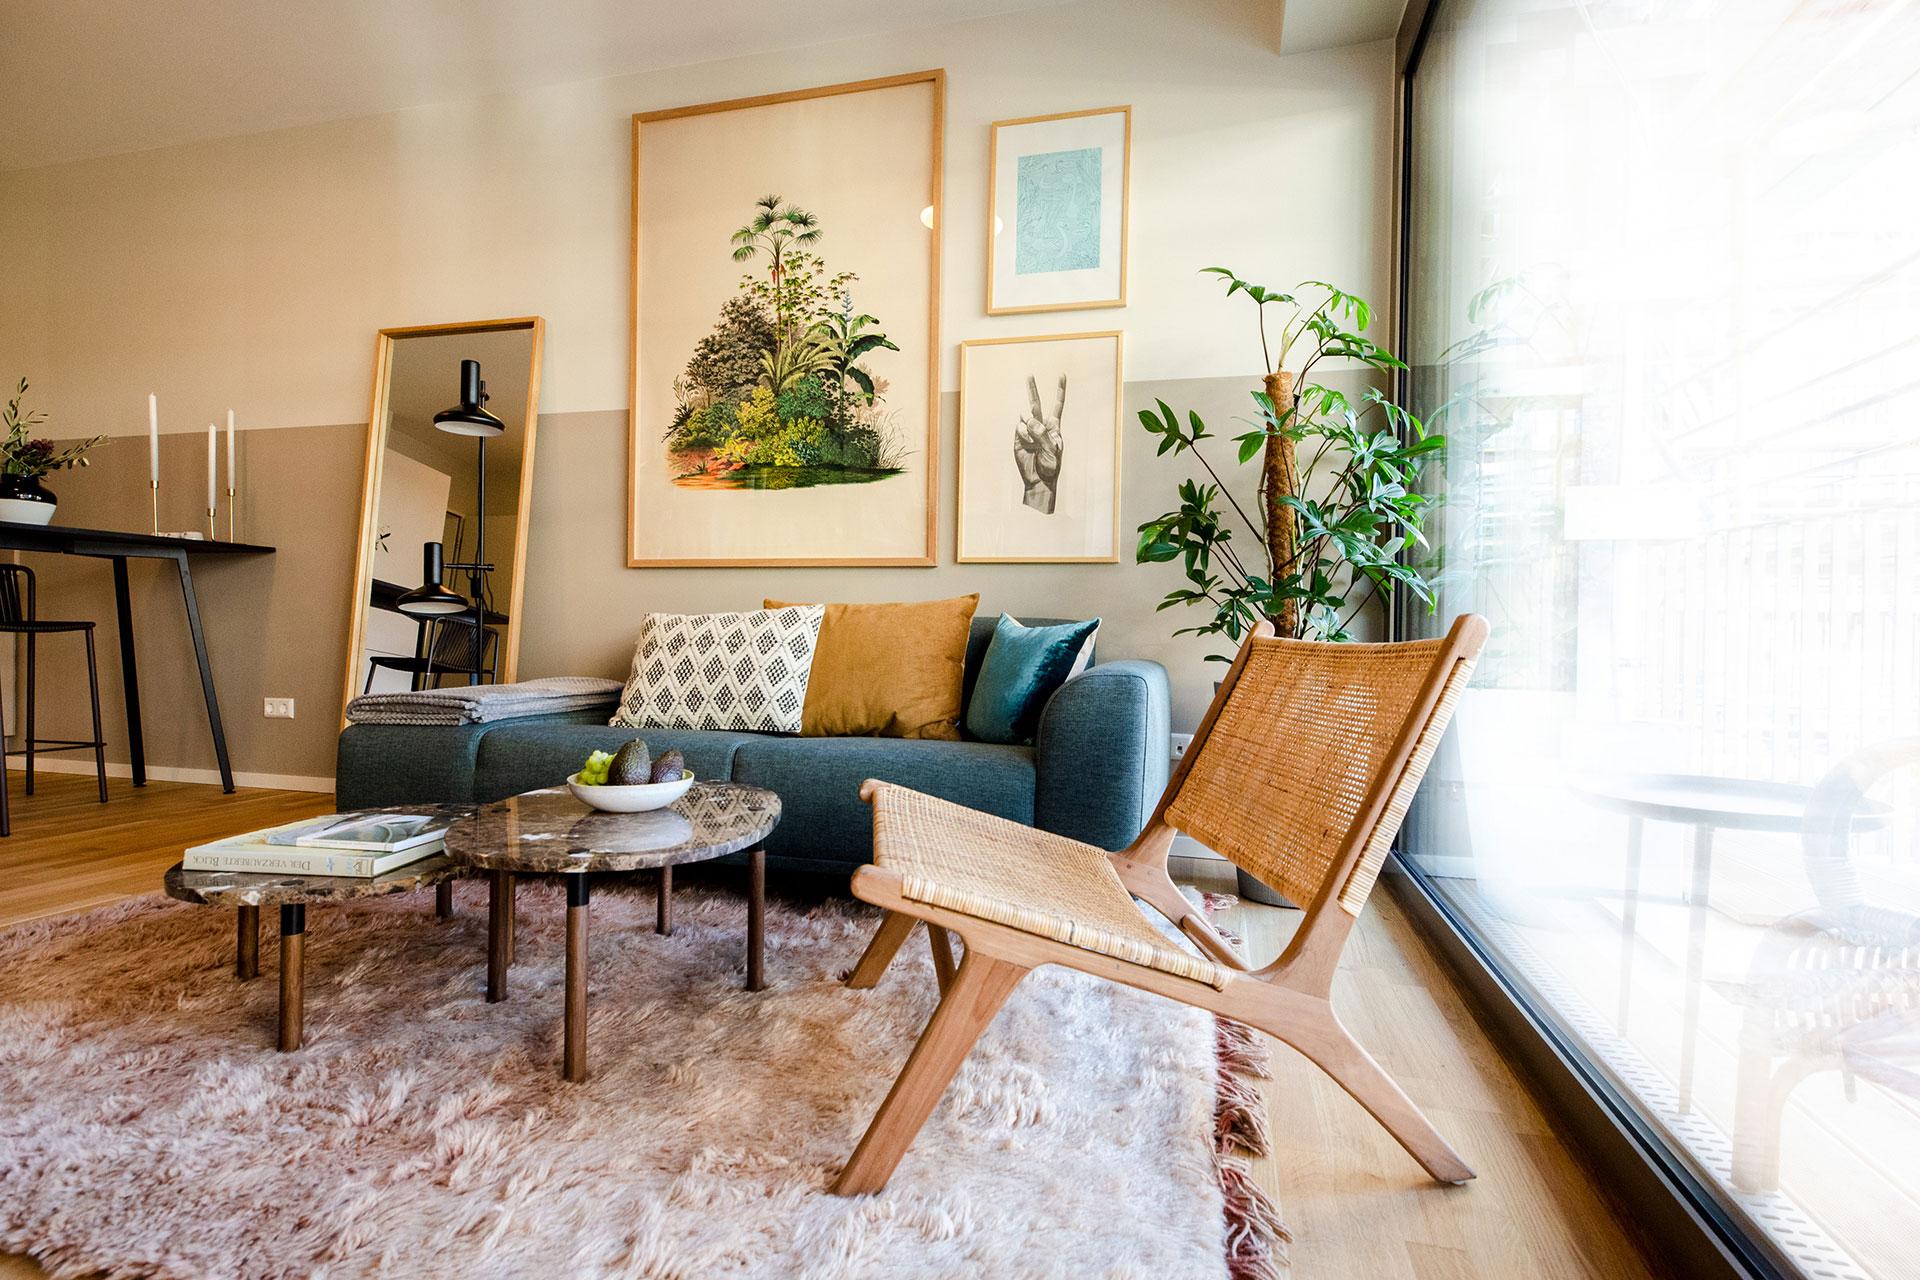 Möbel in einer Wohung I Charlie Living